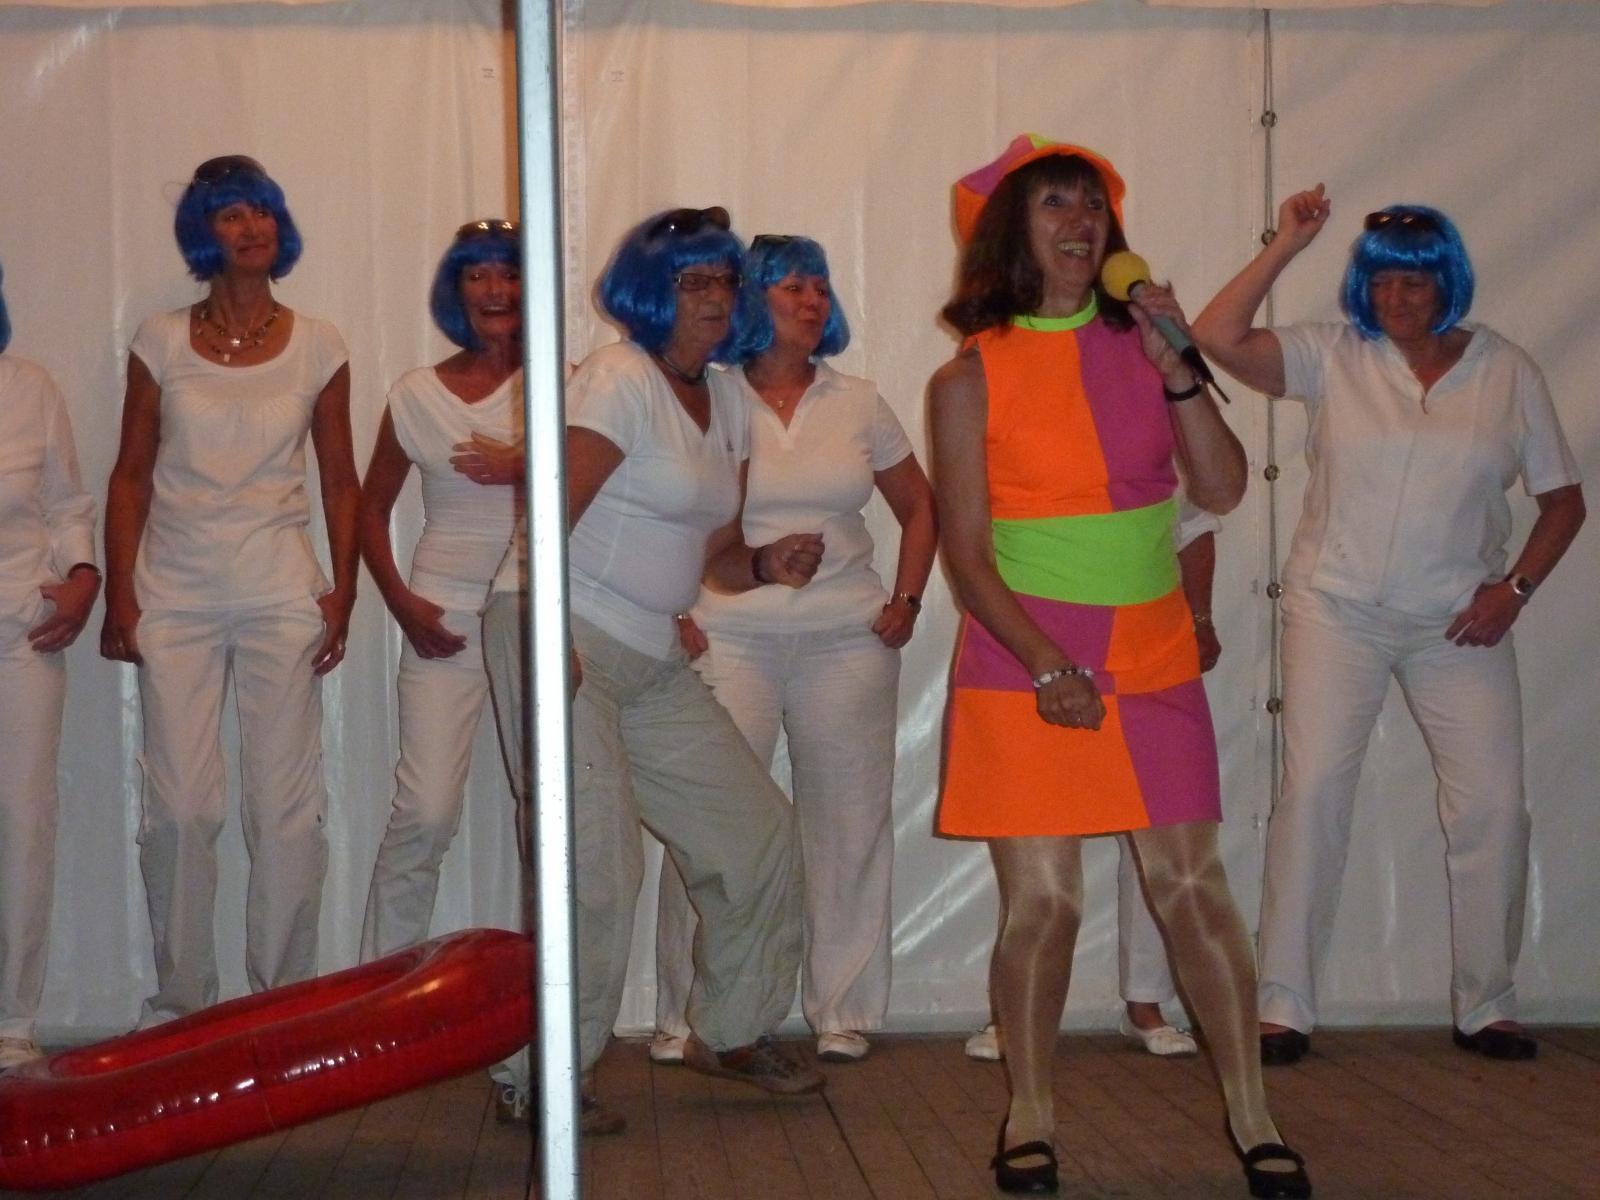 Dorfbrunnenfest-August-2010-012-Awi